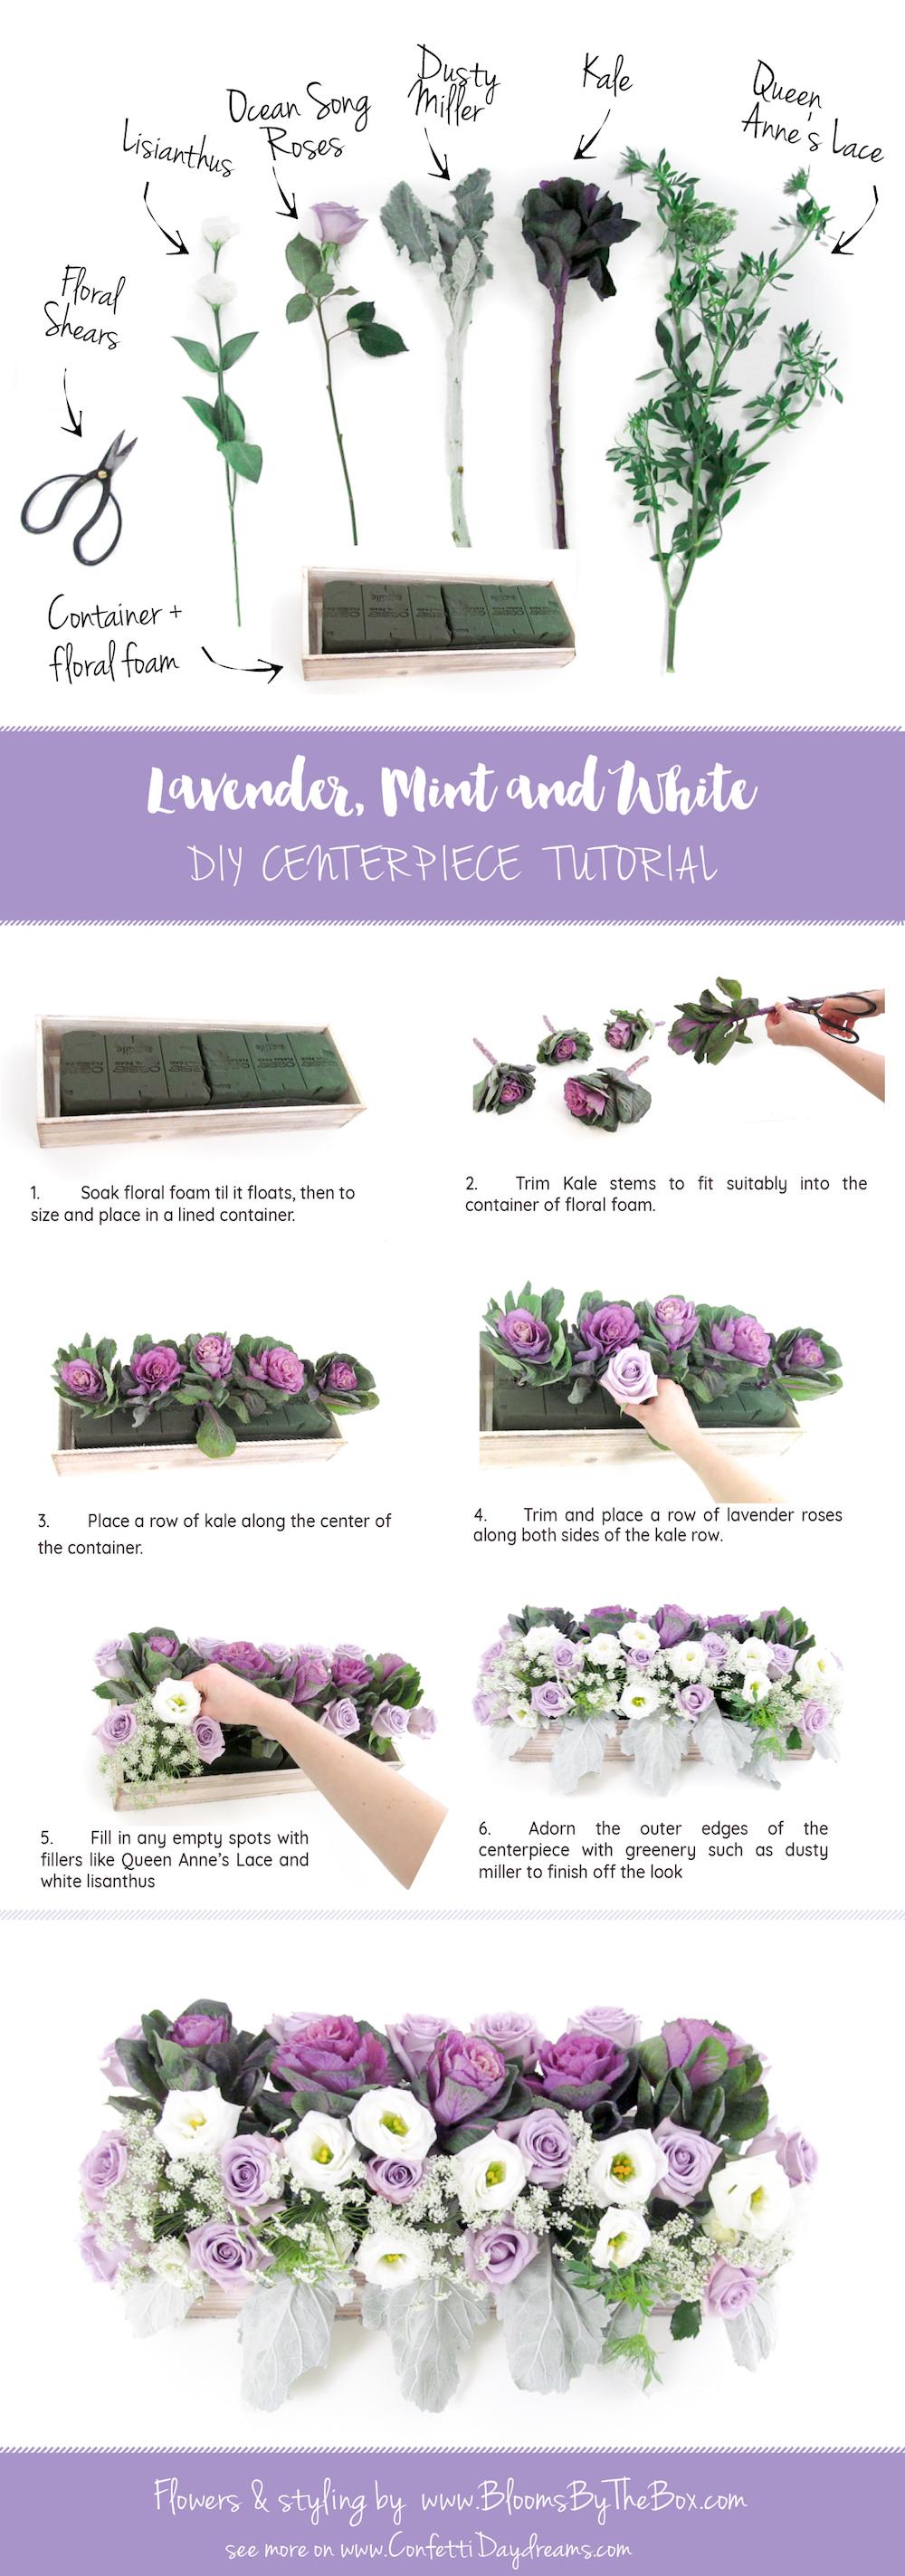 Lavender Mint & White DIY Centerpiece